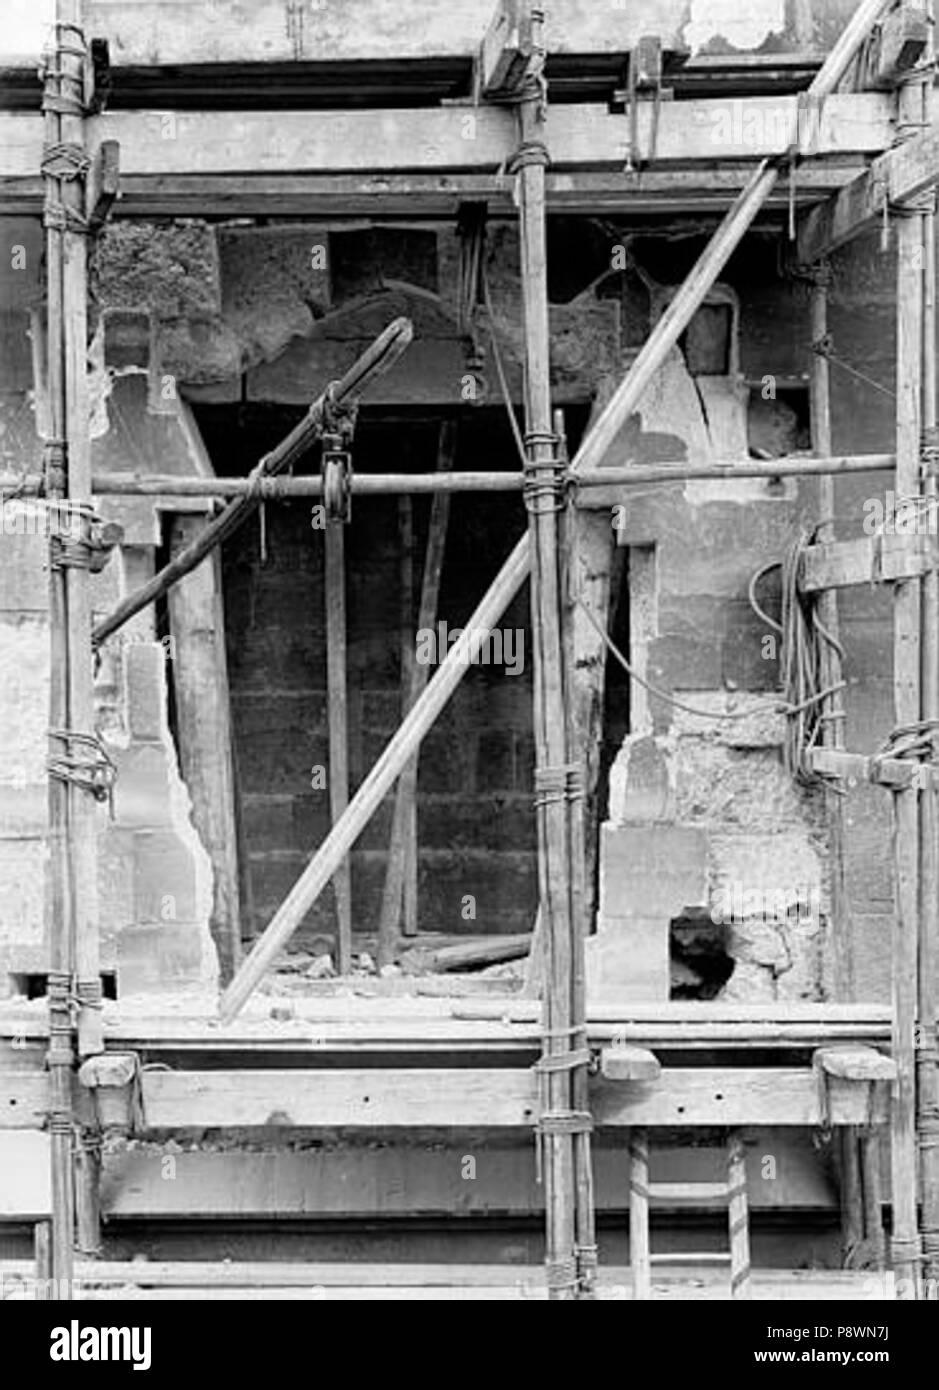 80 Château - Donjon, Partie inférieure du pont-levis au 1er étage - Vincennes - Médiathèque de l'architecture et du patrimoine - APMH00016769 - Stock Image